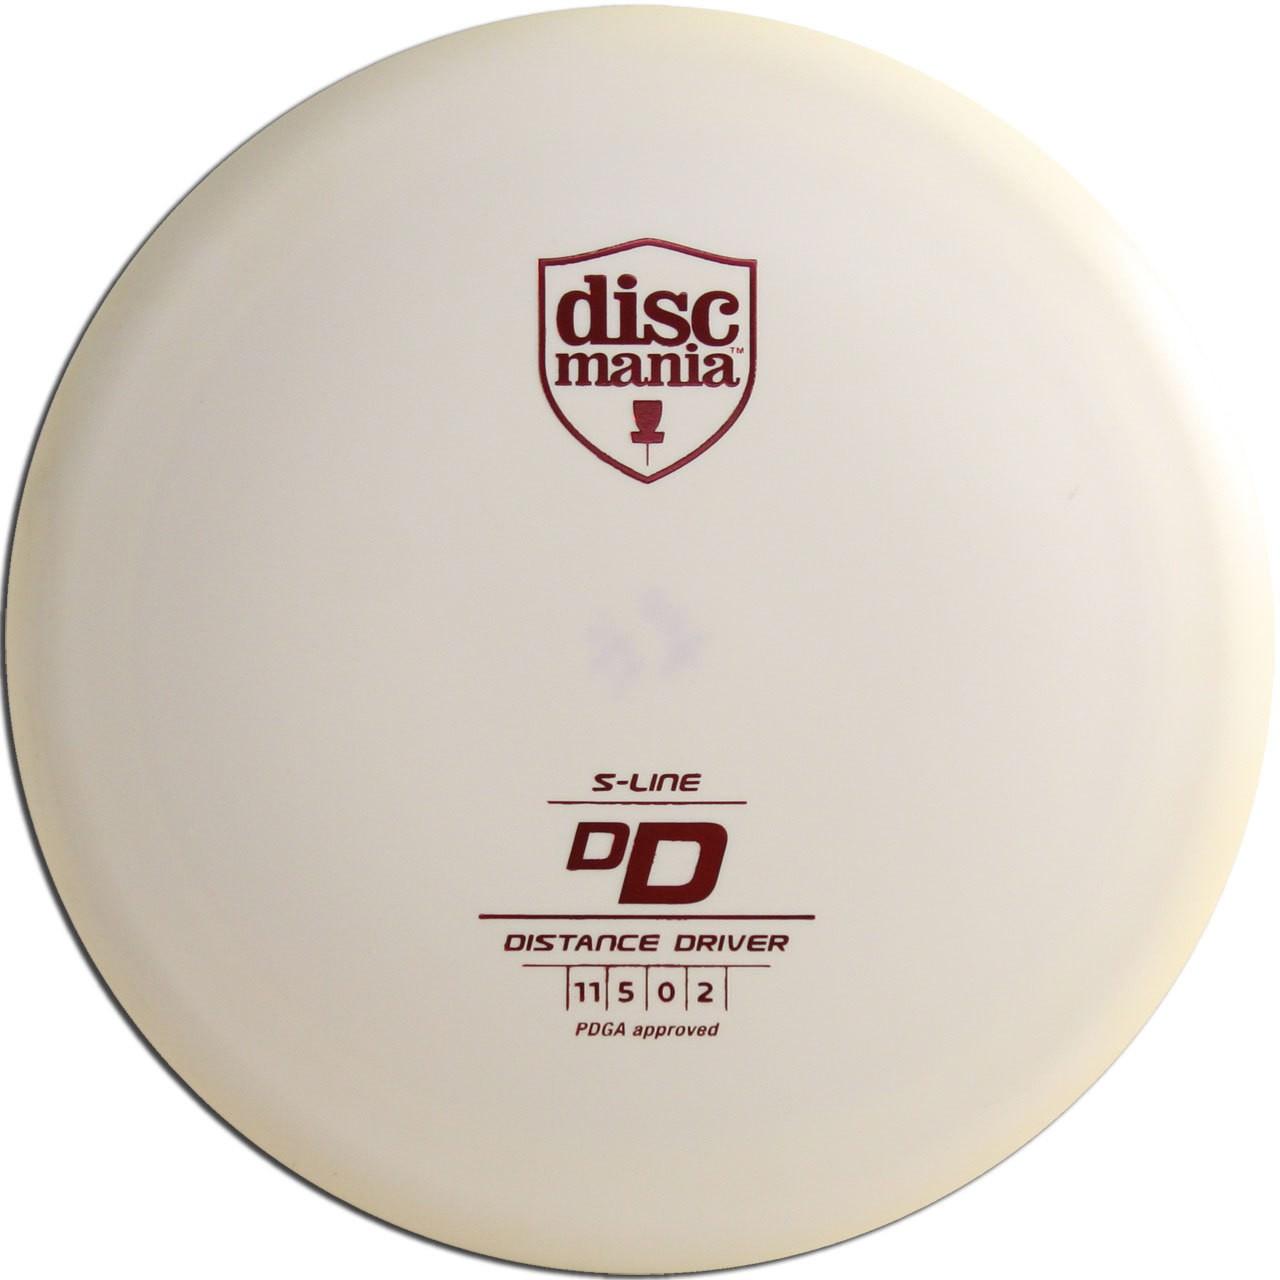 Discmania S-Line DD